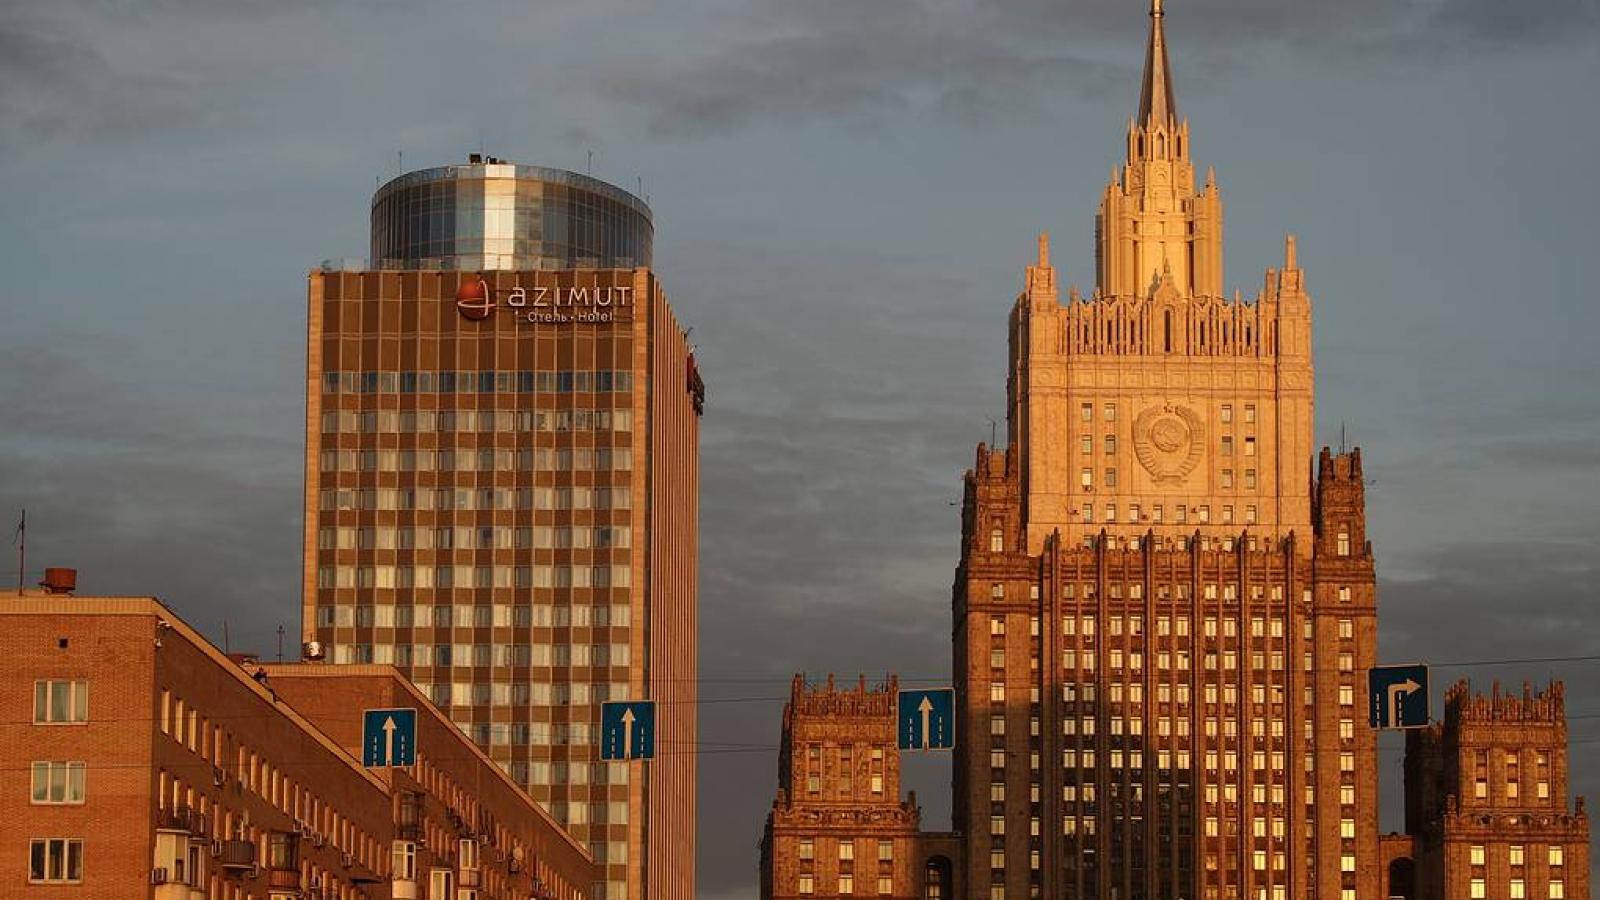 Nga tuyên bố đáp trả việc Estonia từ chối cấp thị thực cho nhà ngoại giao